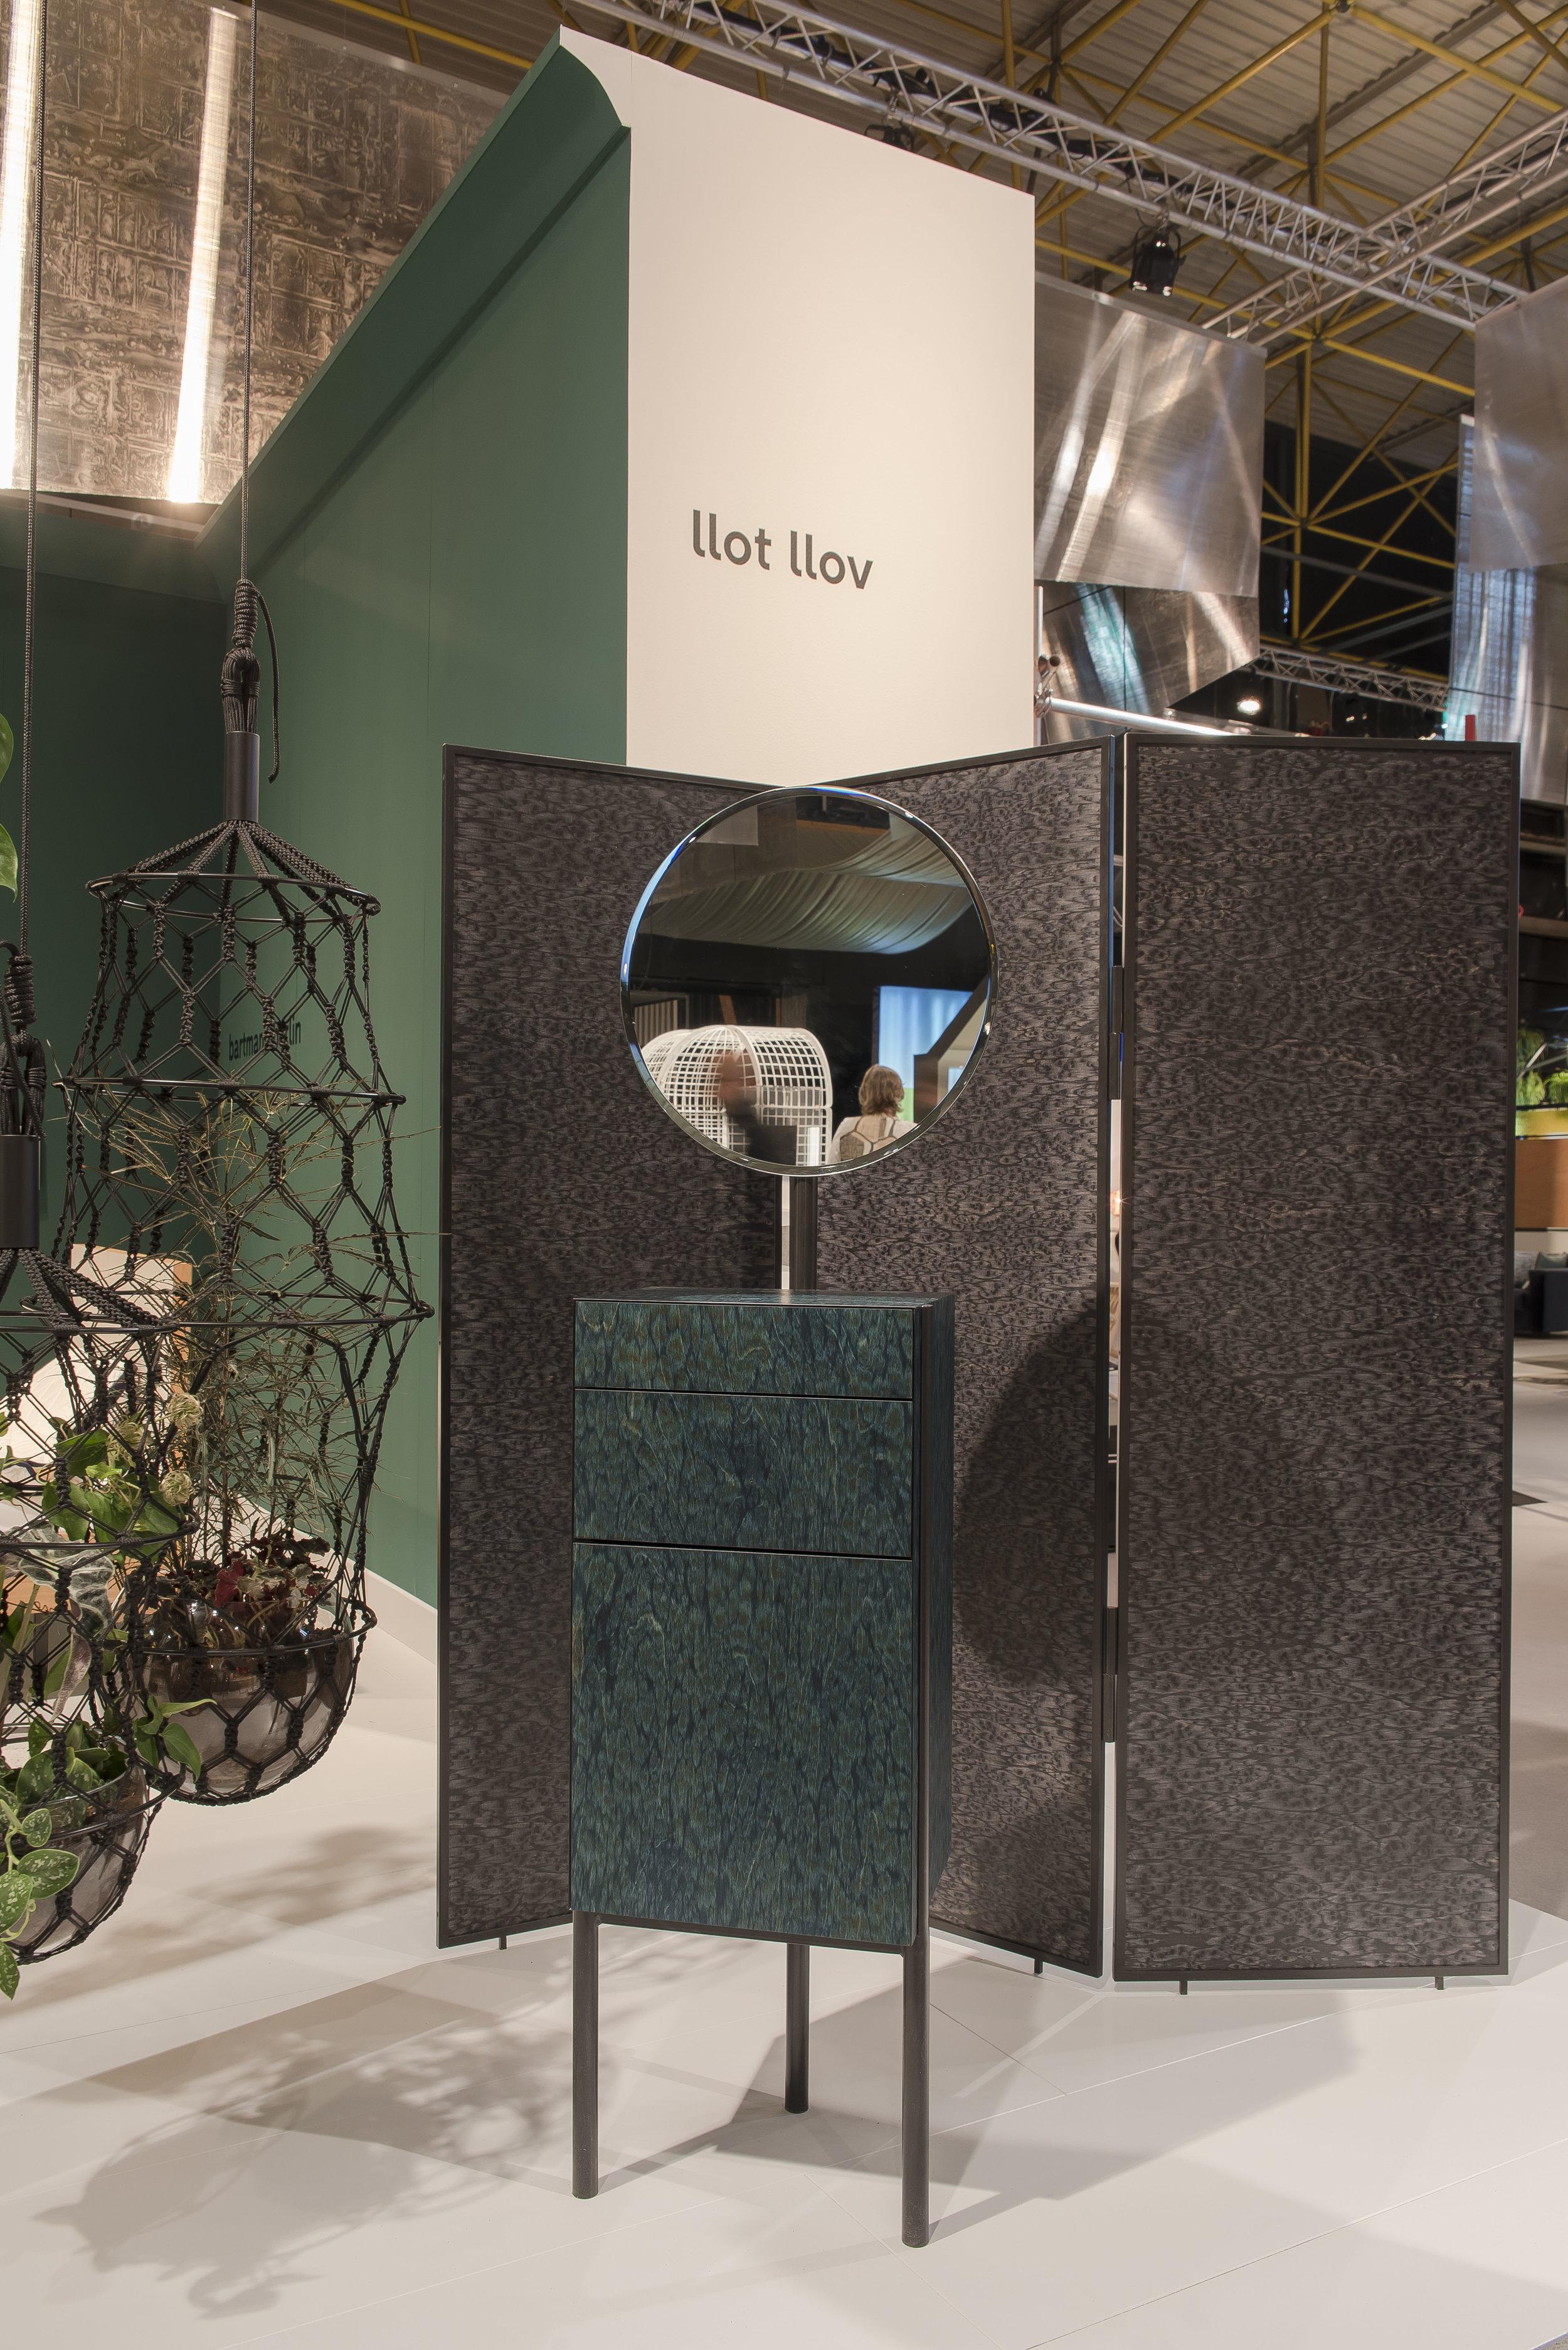 berlin-design-selection-kortrijk_tradefair-exhibition-design_coordination-berlin_05.jpg